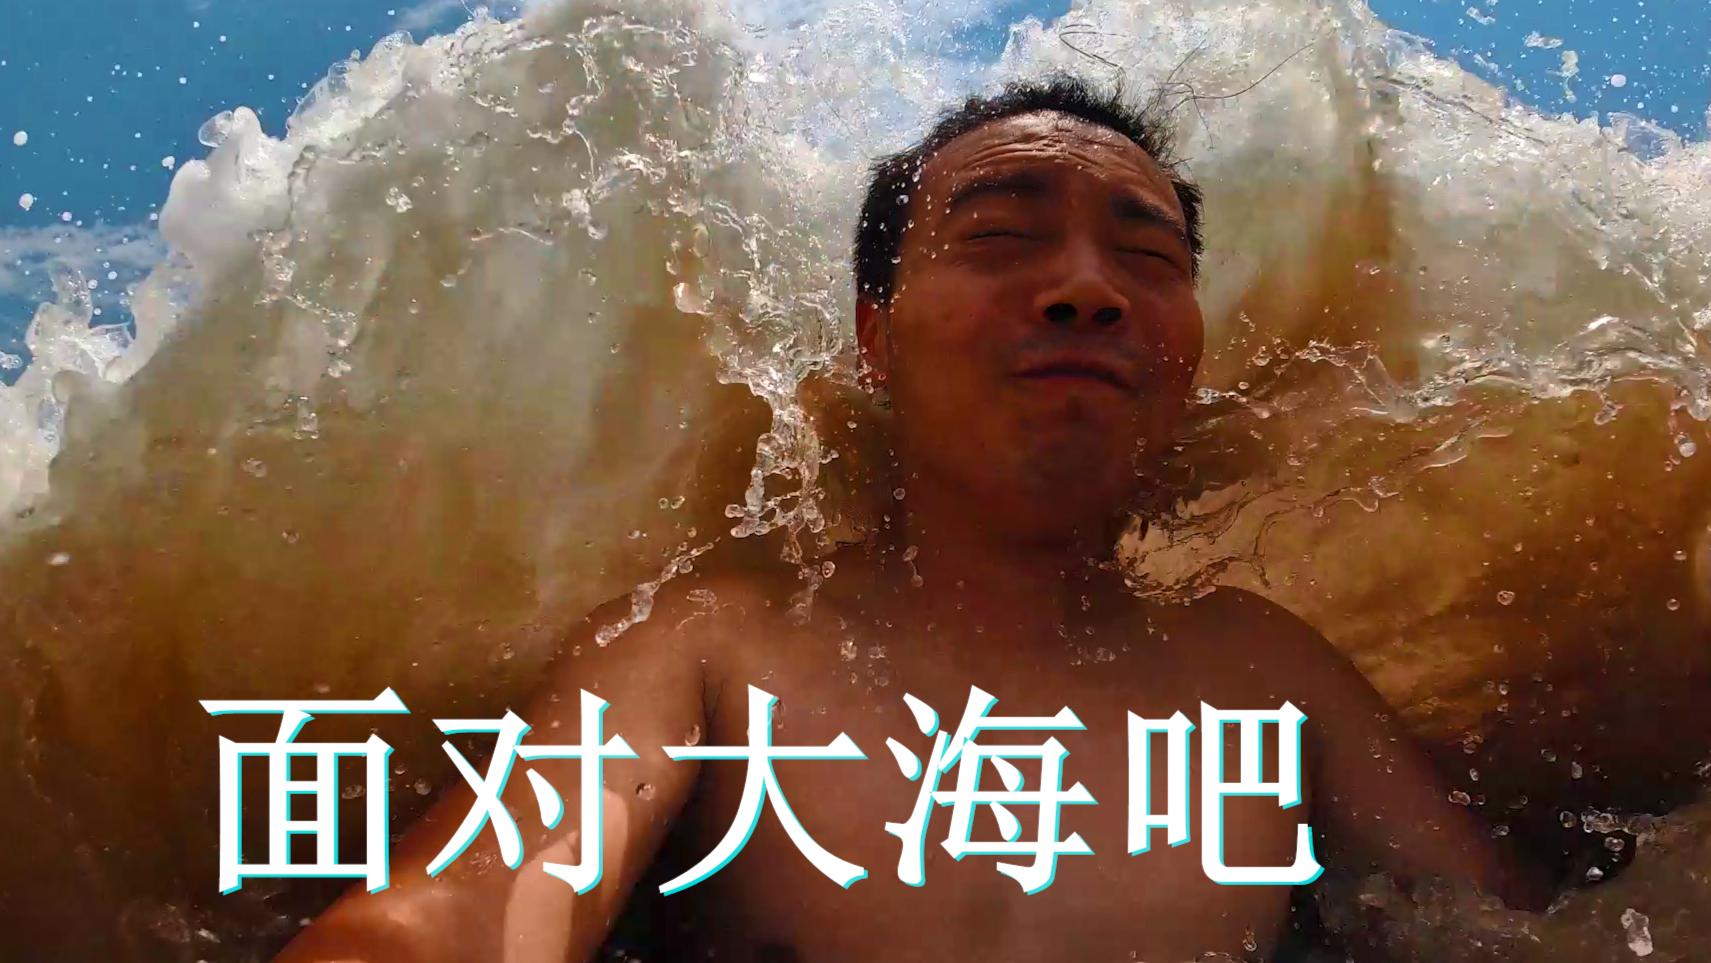 小伙旅行来到宁波象山,感受惊天骇浪拍打岩石,尽情的在大海里游泳